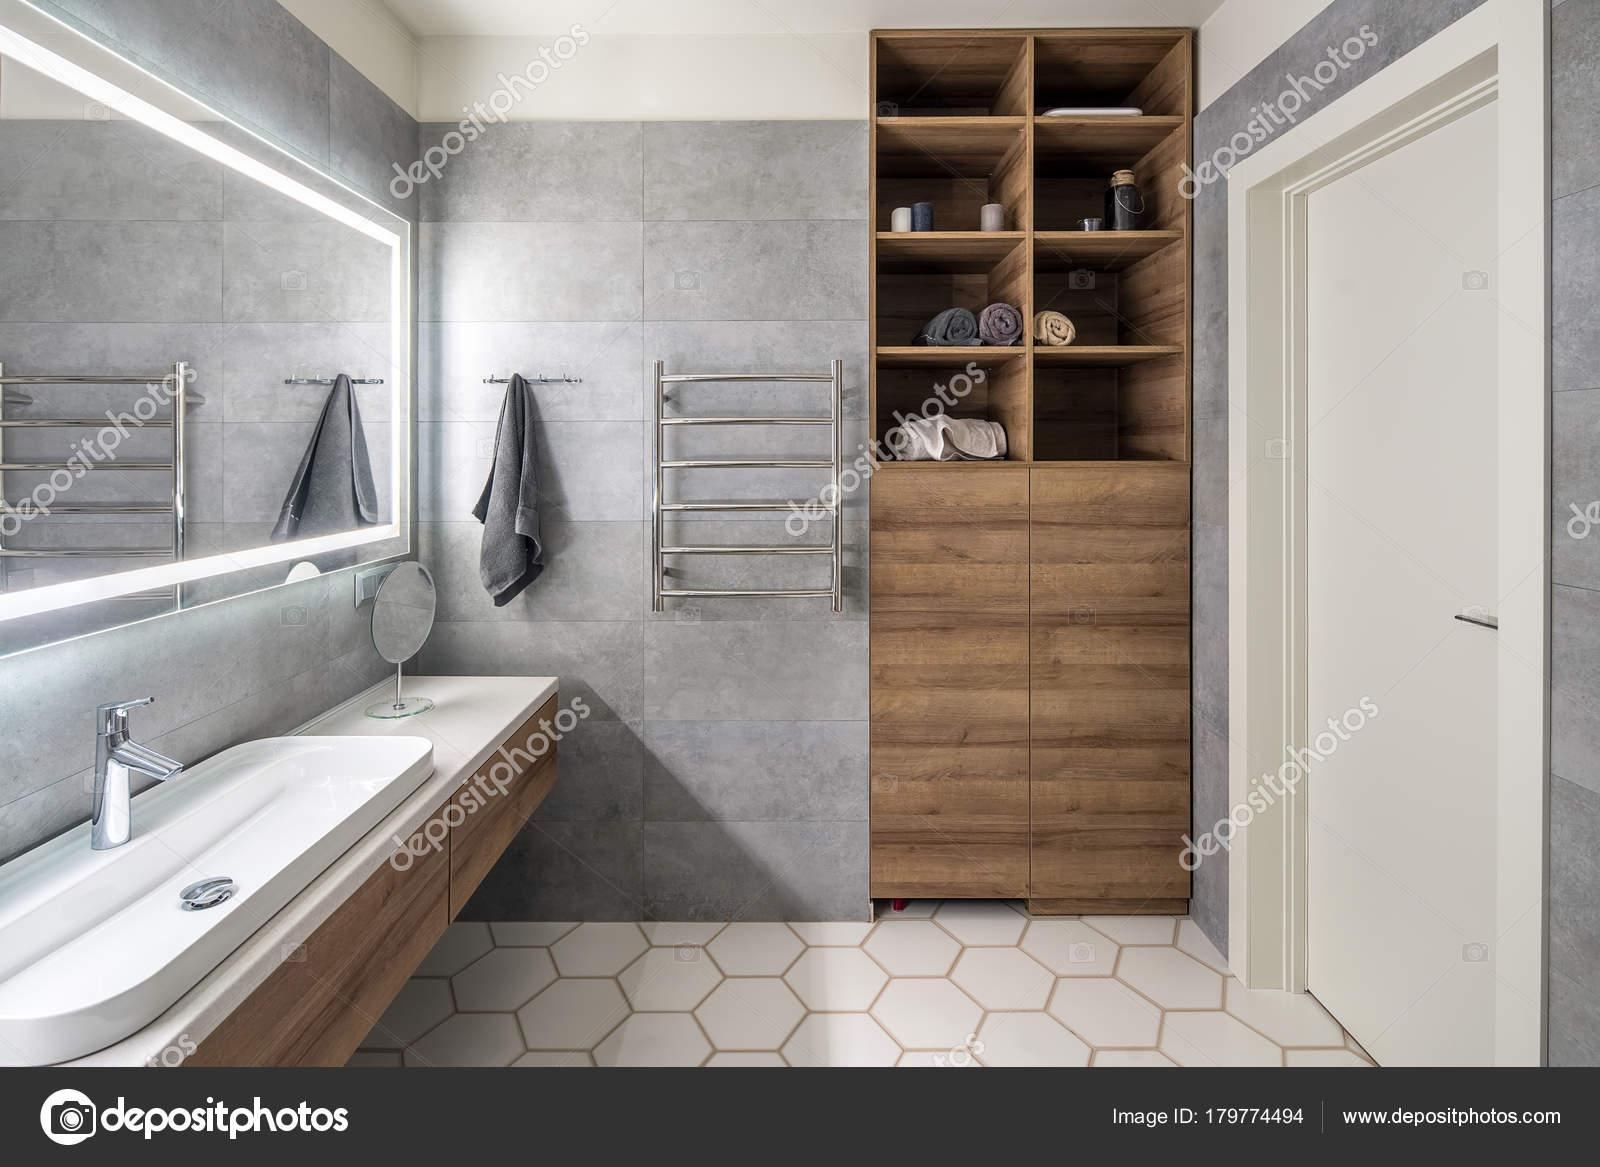 Handdoekrek Voor Badkamer : Stijlvolle badkamer in moderne stijl u2014 stockfoto © bezikus #179774494